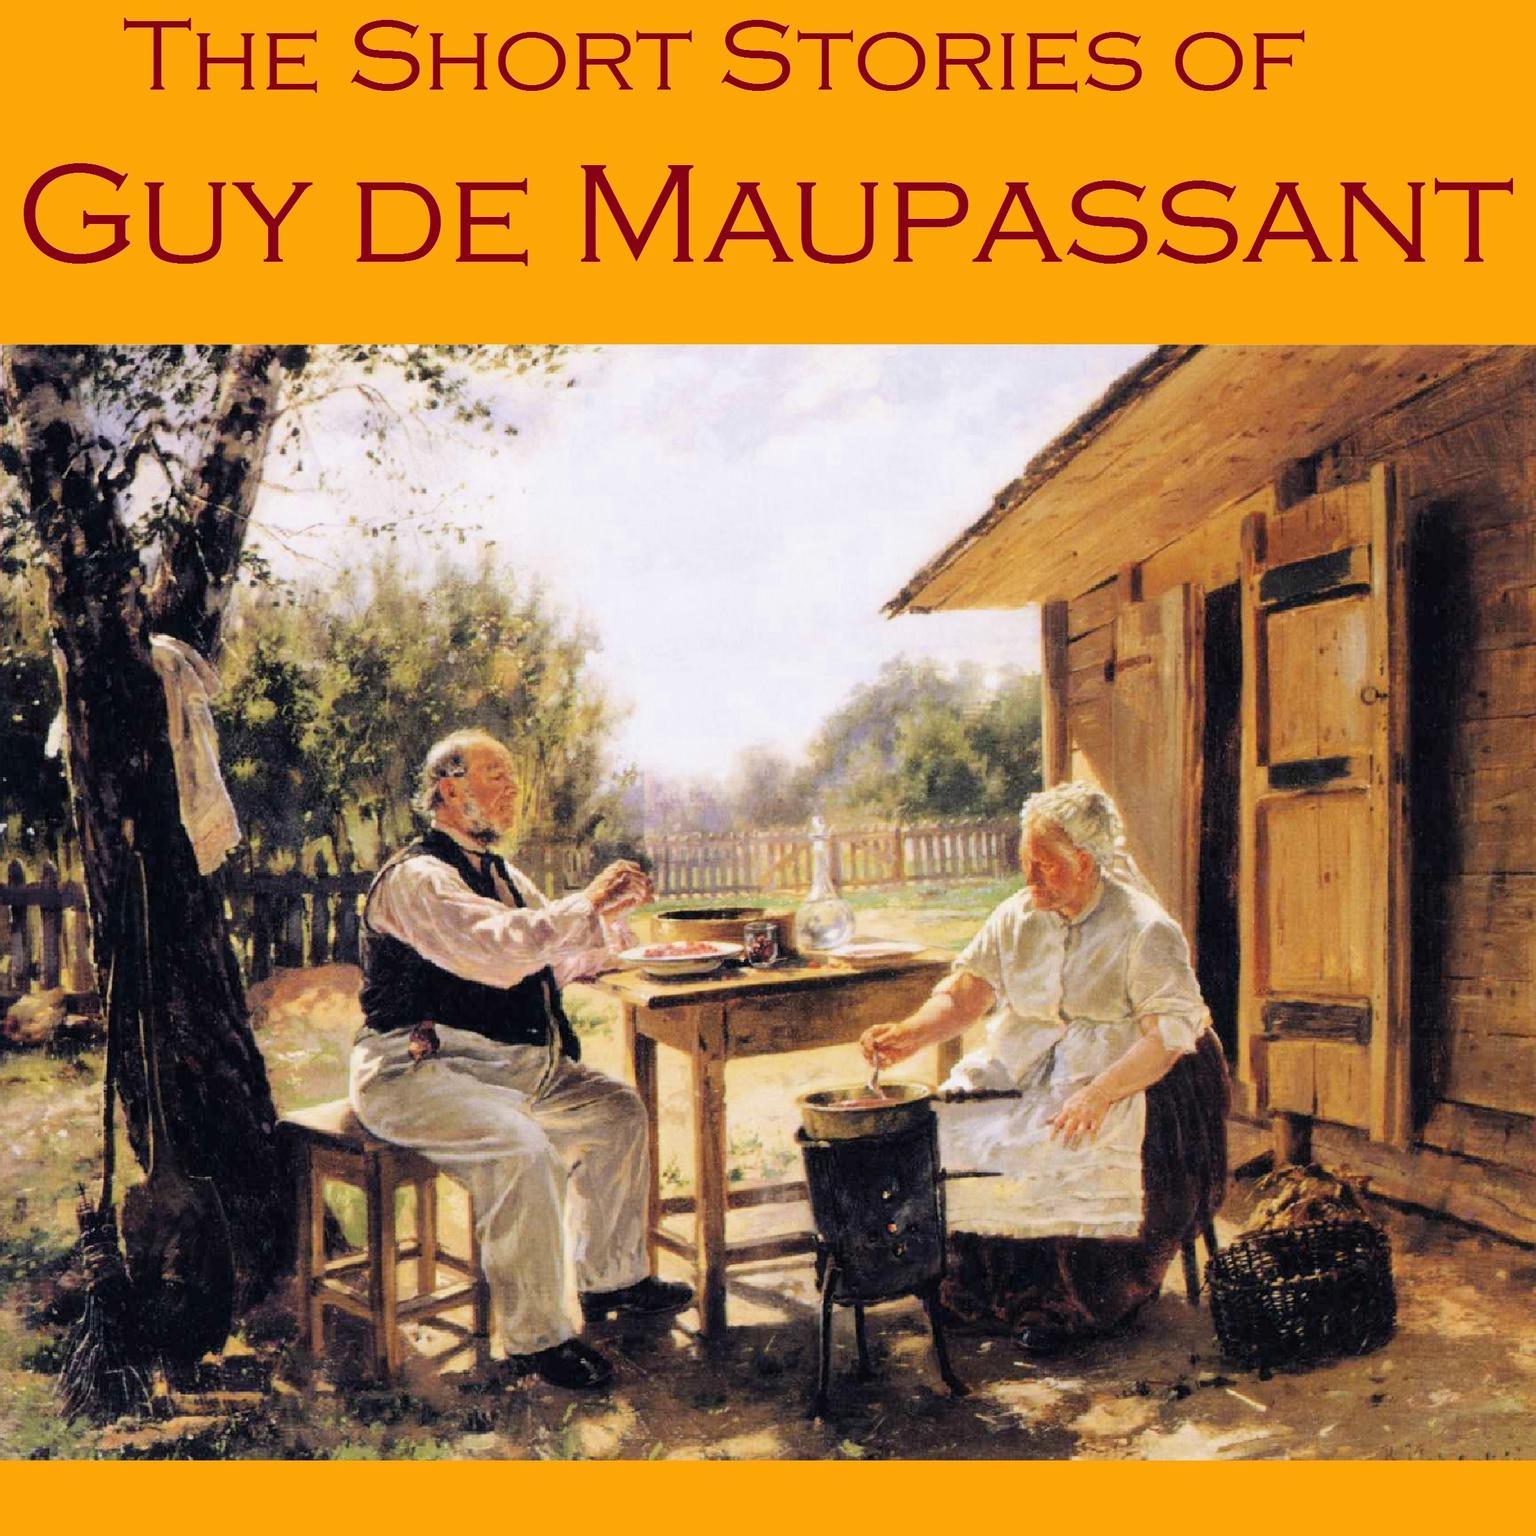 The Short Stories of Guy de Maupassant Audiobook, by Guy de Maupassant